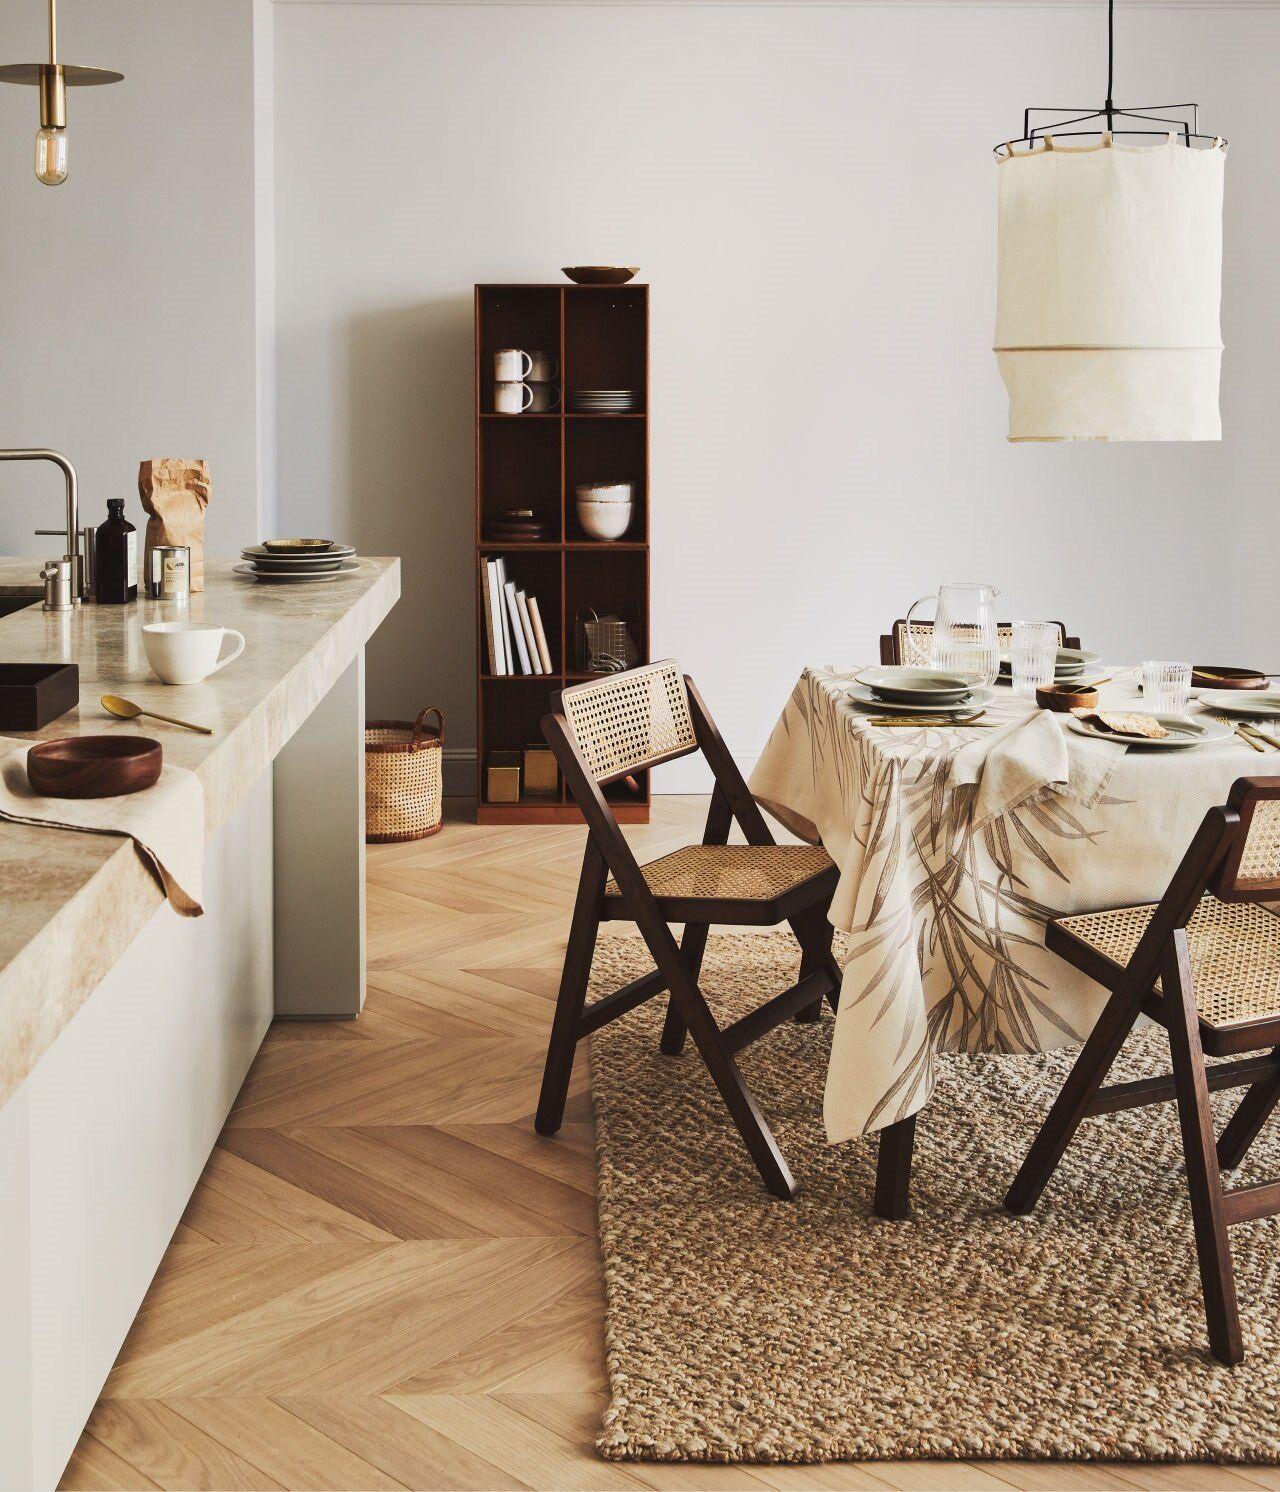 H M Home Printemps 2020 En 2020 Meubles En Bois Fonce Idees De Decor Hm Home